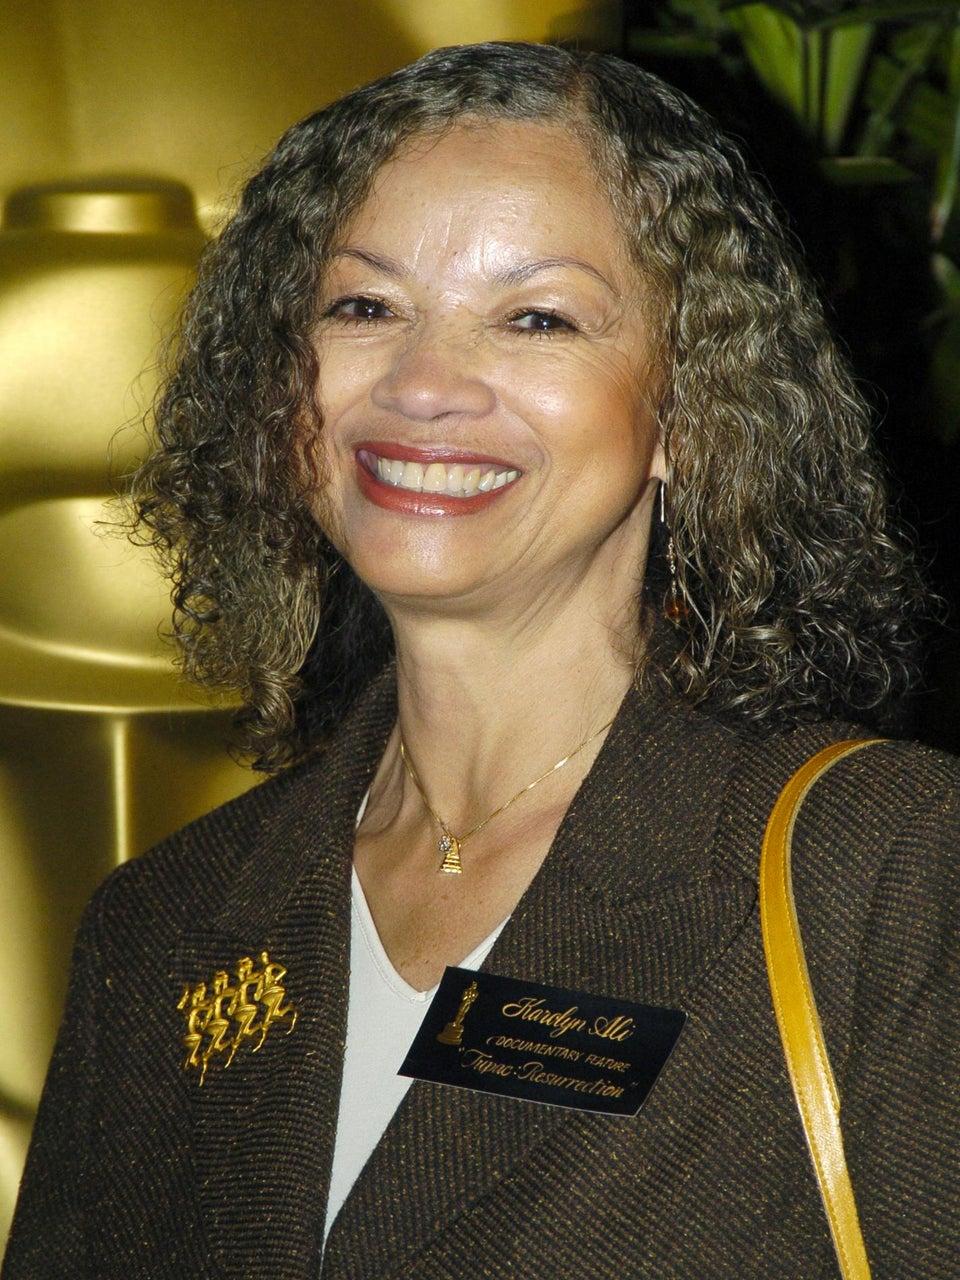 Oscar-Nominated Producer Karolyn Ali Passes Away at 70